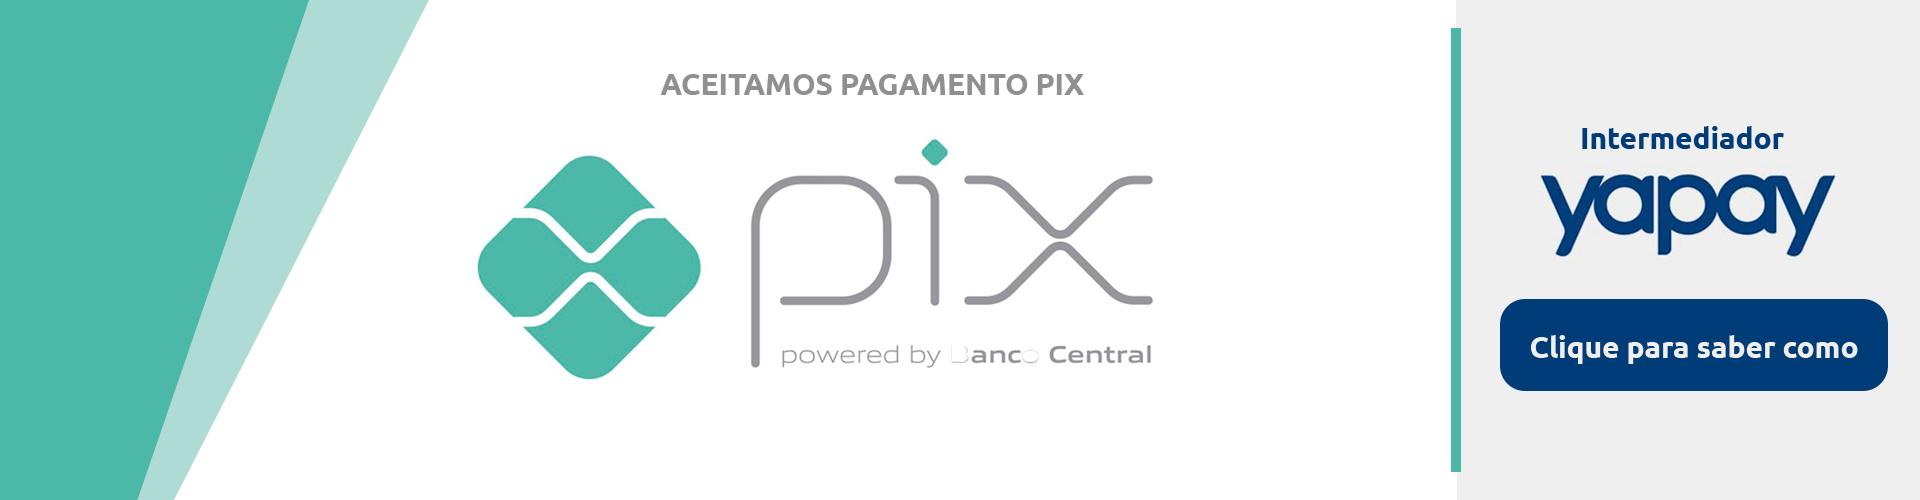 pagamento_pix_estático